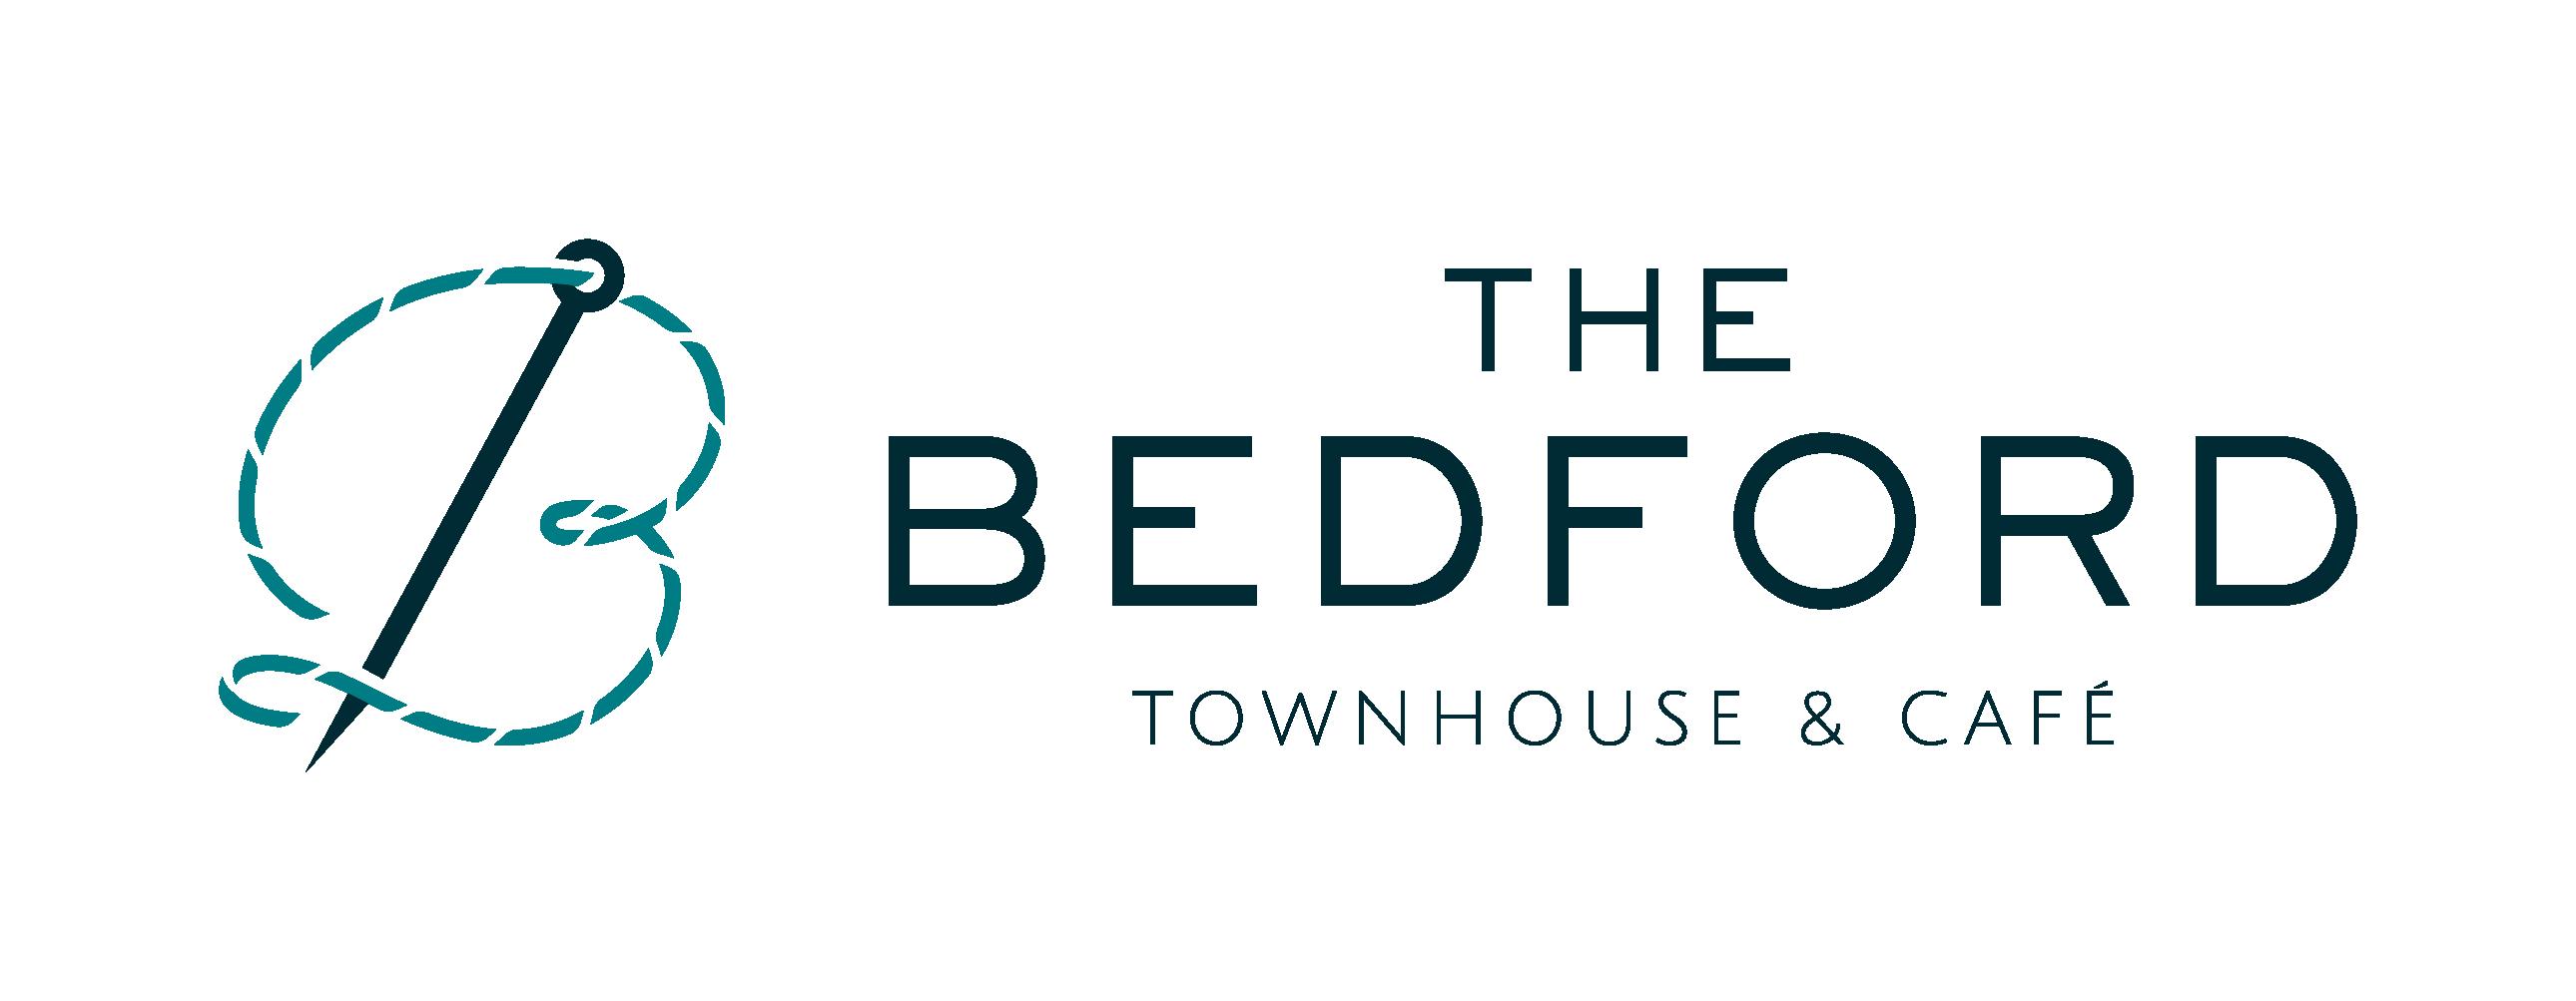 interior designer The Bedford